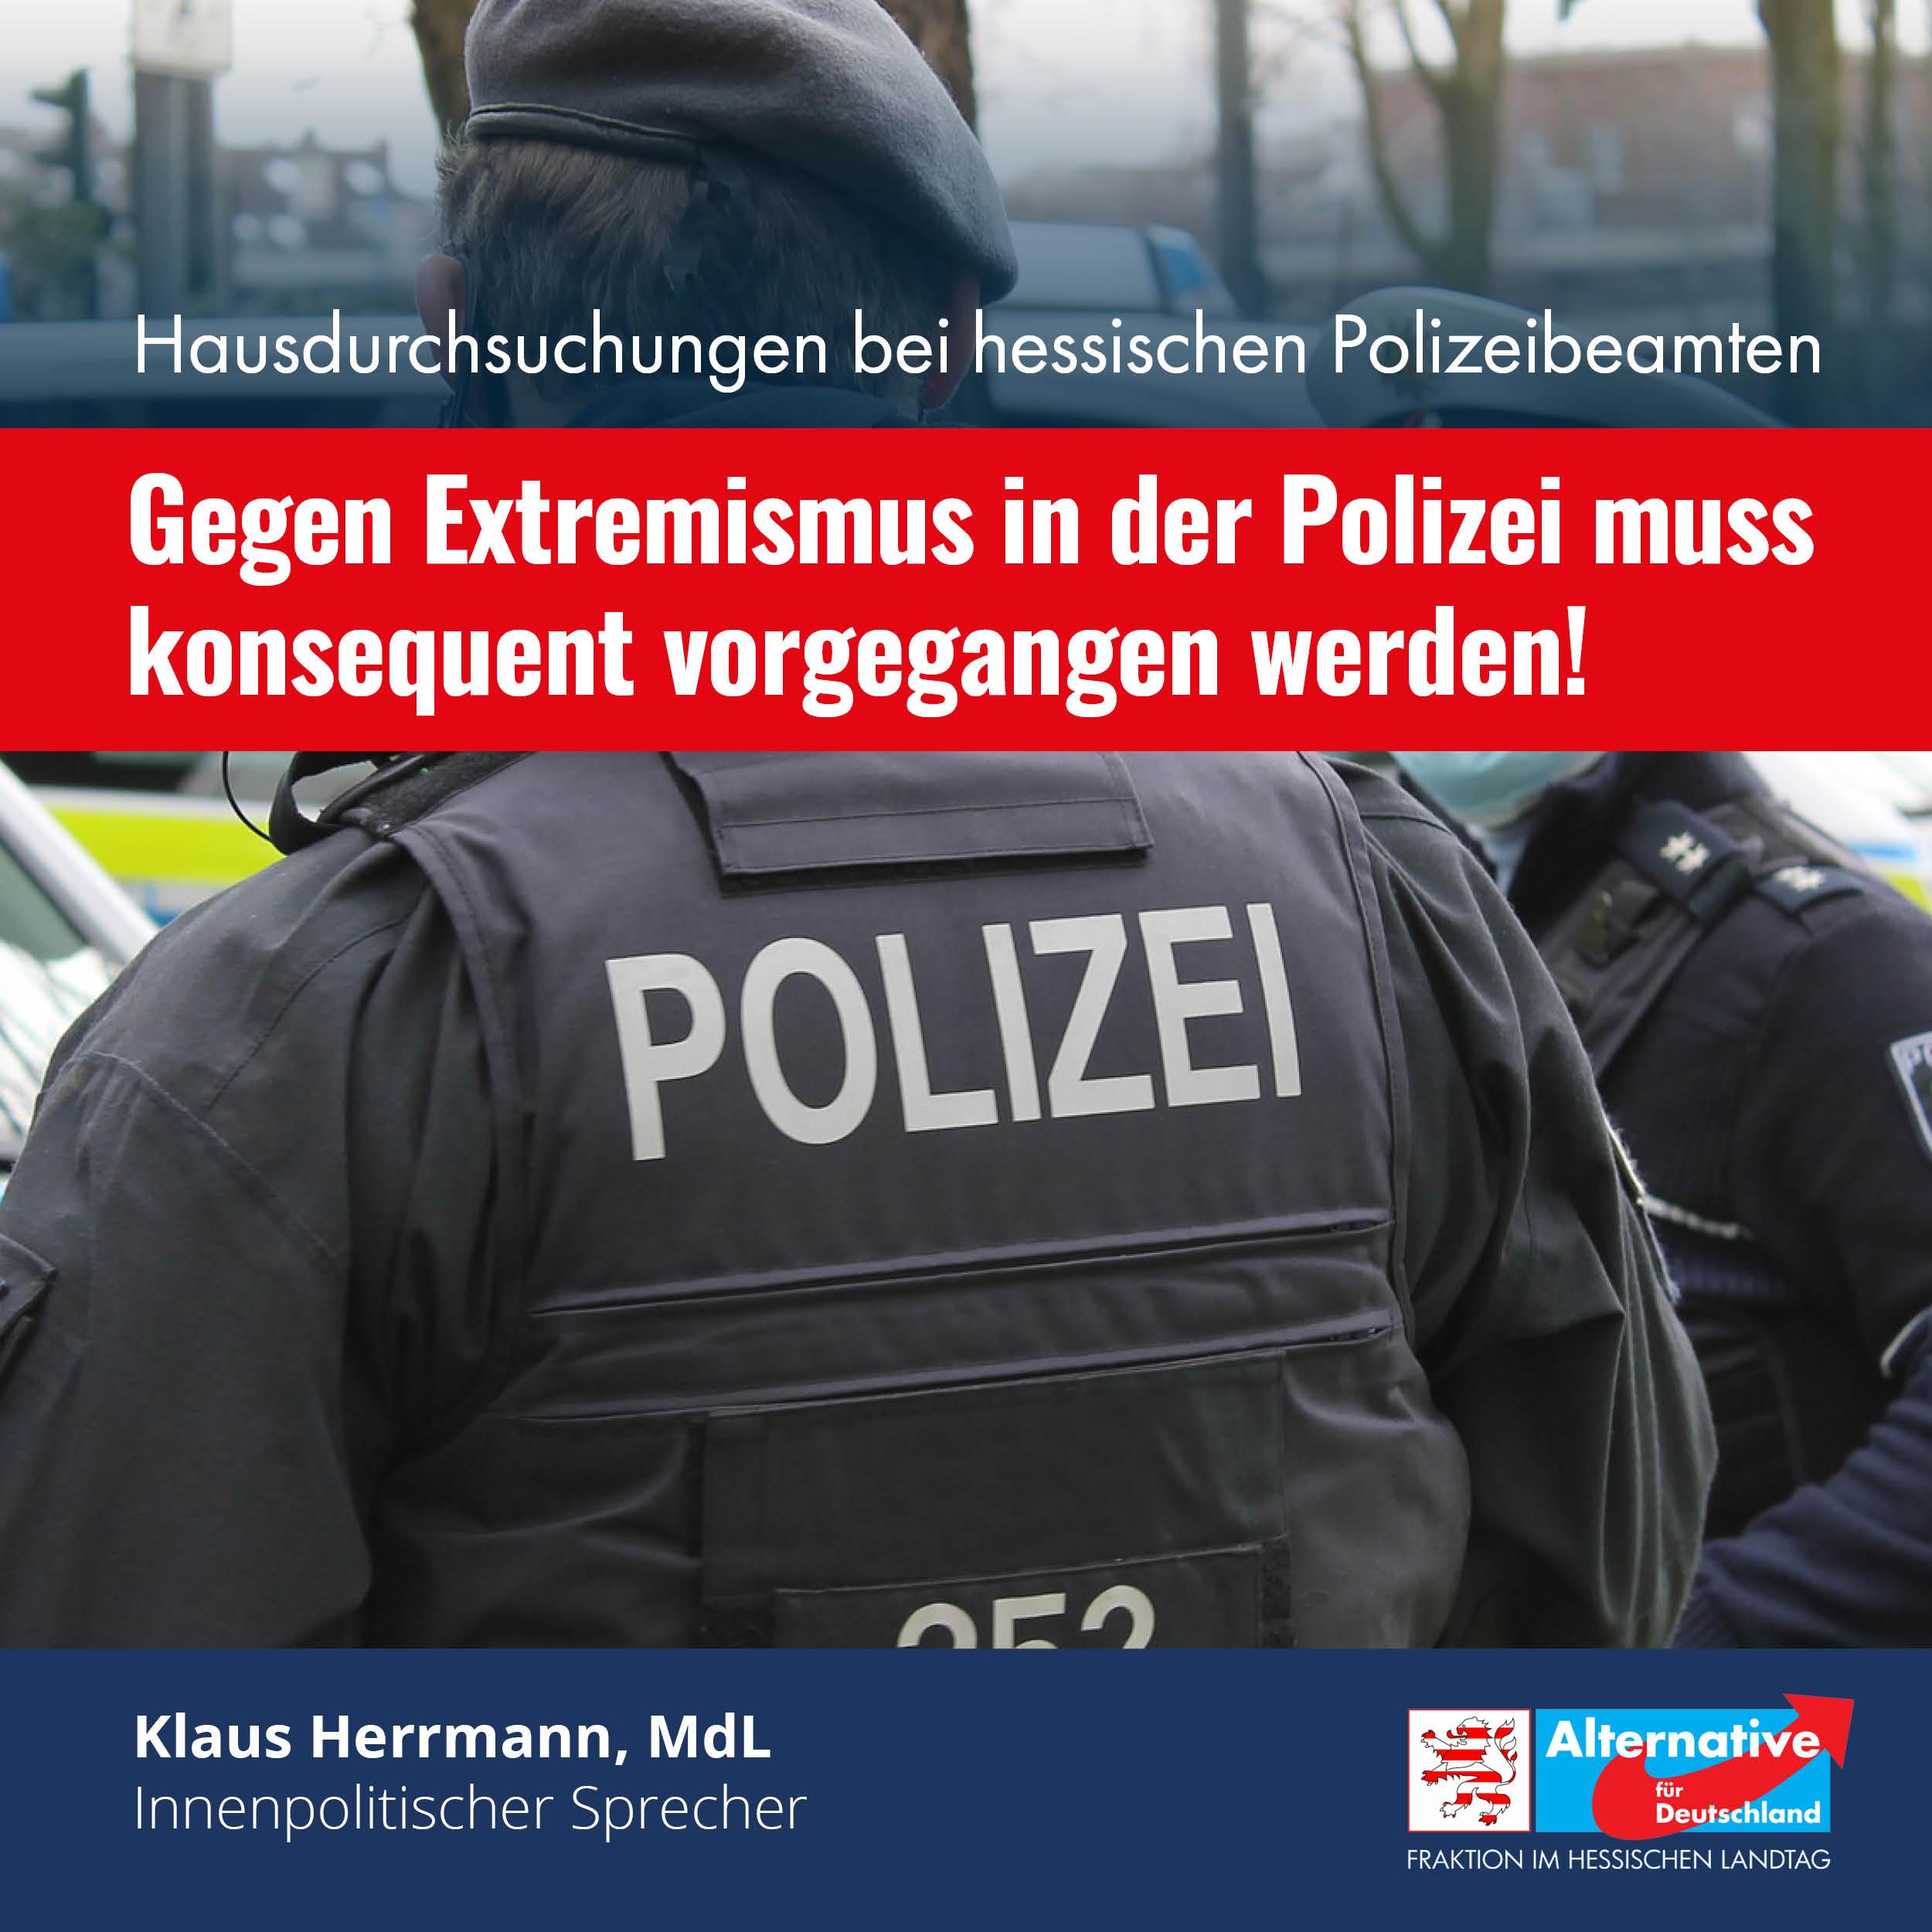 """Read more about the article """"Gegen Extremismus in der Polizei muss konsequent vorgegangen werden!"""